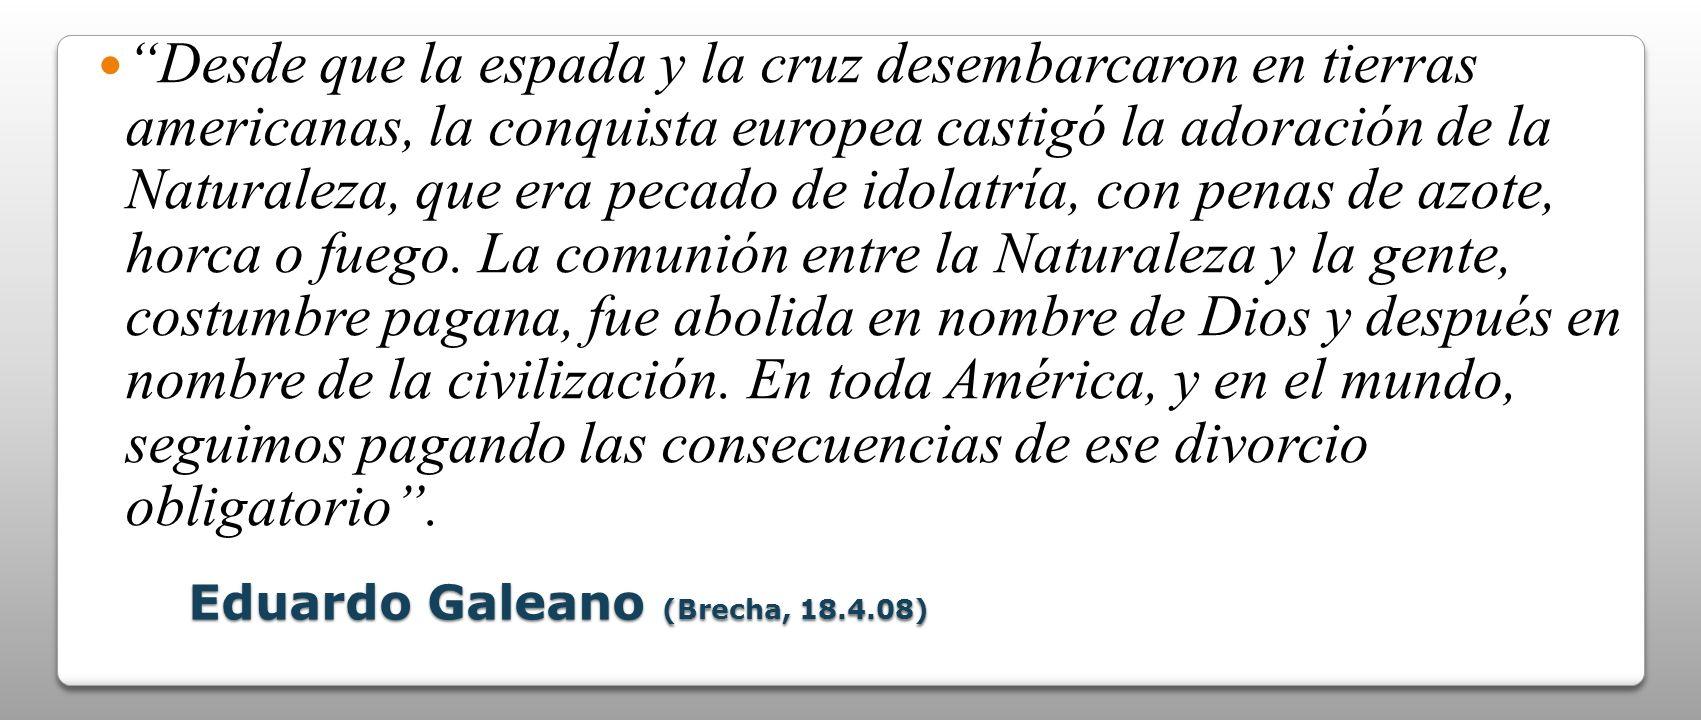 Eduardo Galeano (Brecha, 18.4.08) Desde que la espada y la cruz desembarcaron en tierras americanas, la conquista europea castigó la adoración de la N